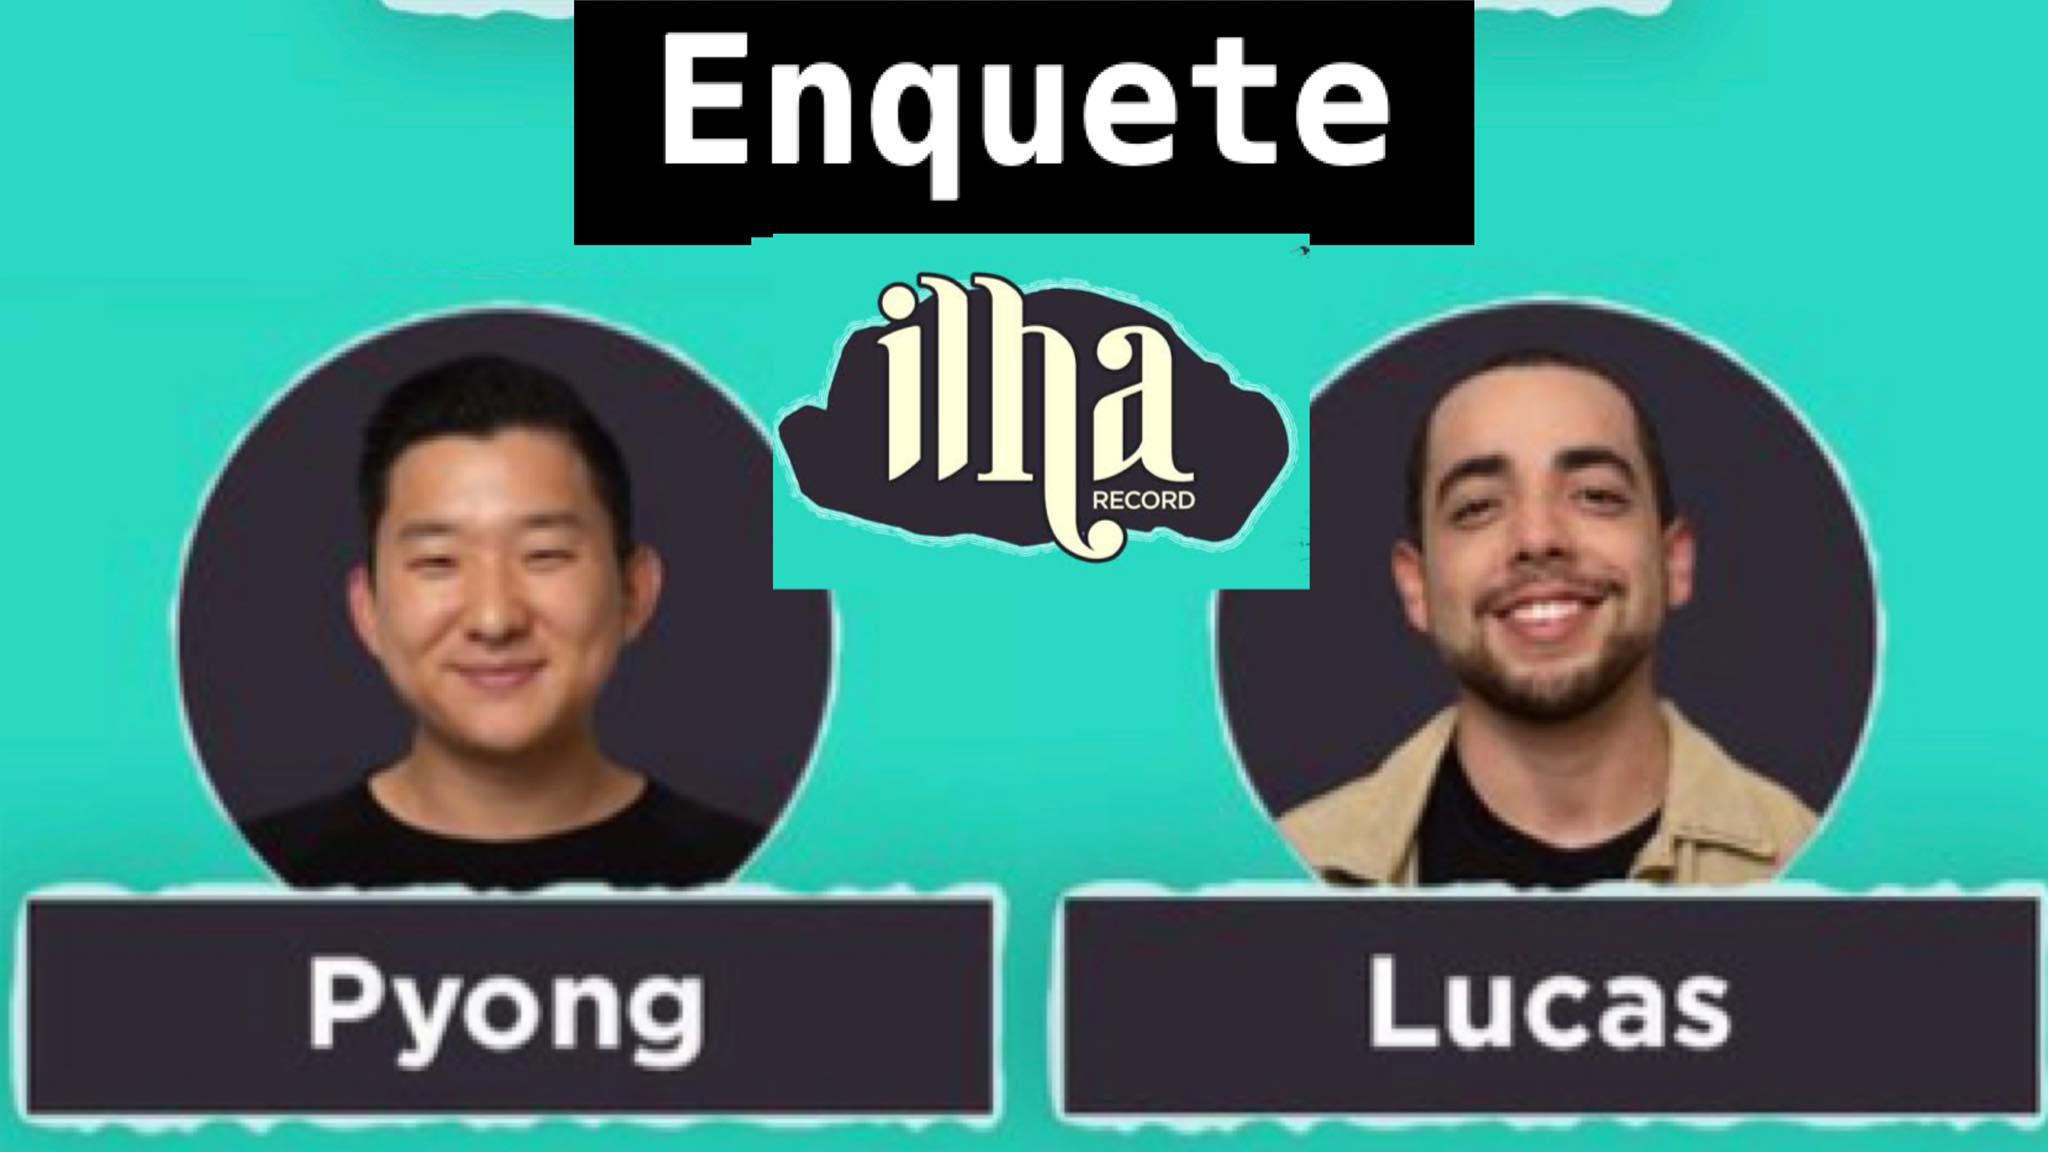 Lucas Selfie e Pyong Lee disputarão a prova da Área de Risco nessa quinta-feira (05/08). Fonte: Montagem/ Fashion Bubbles